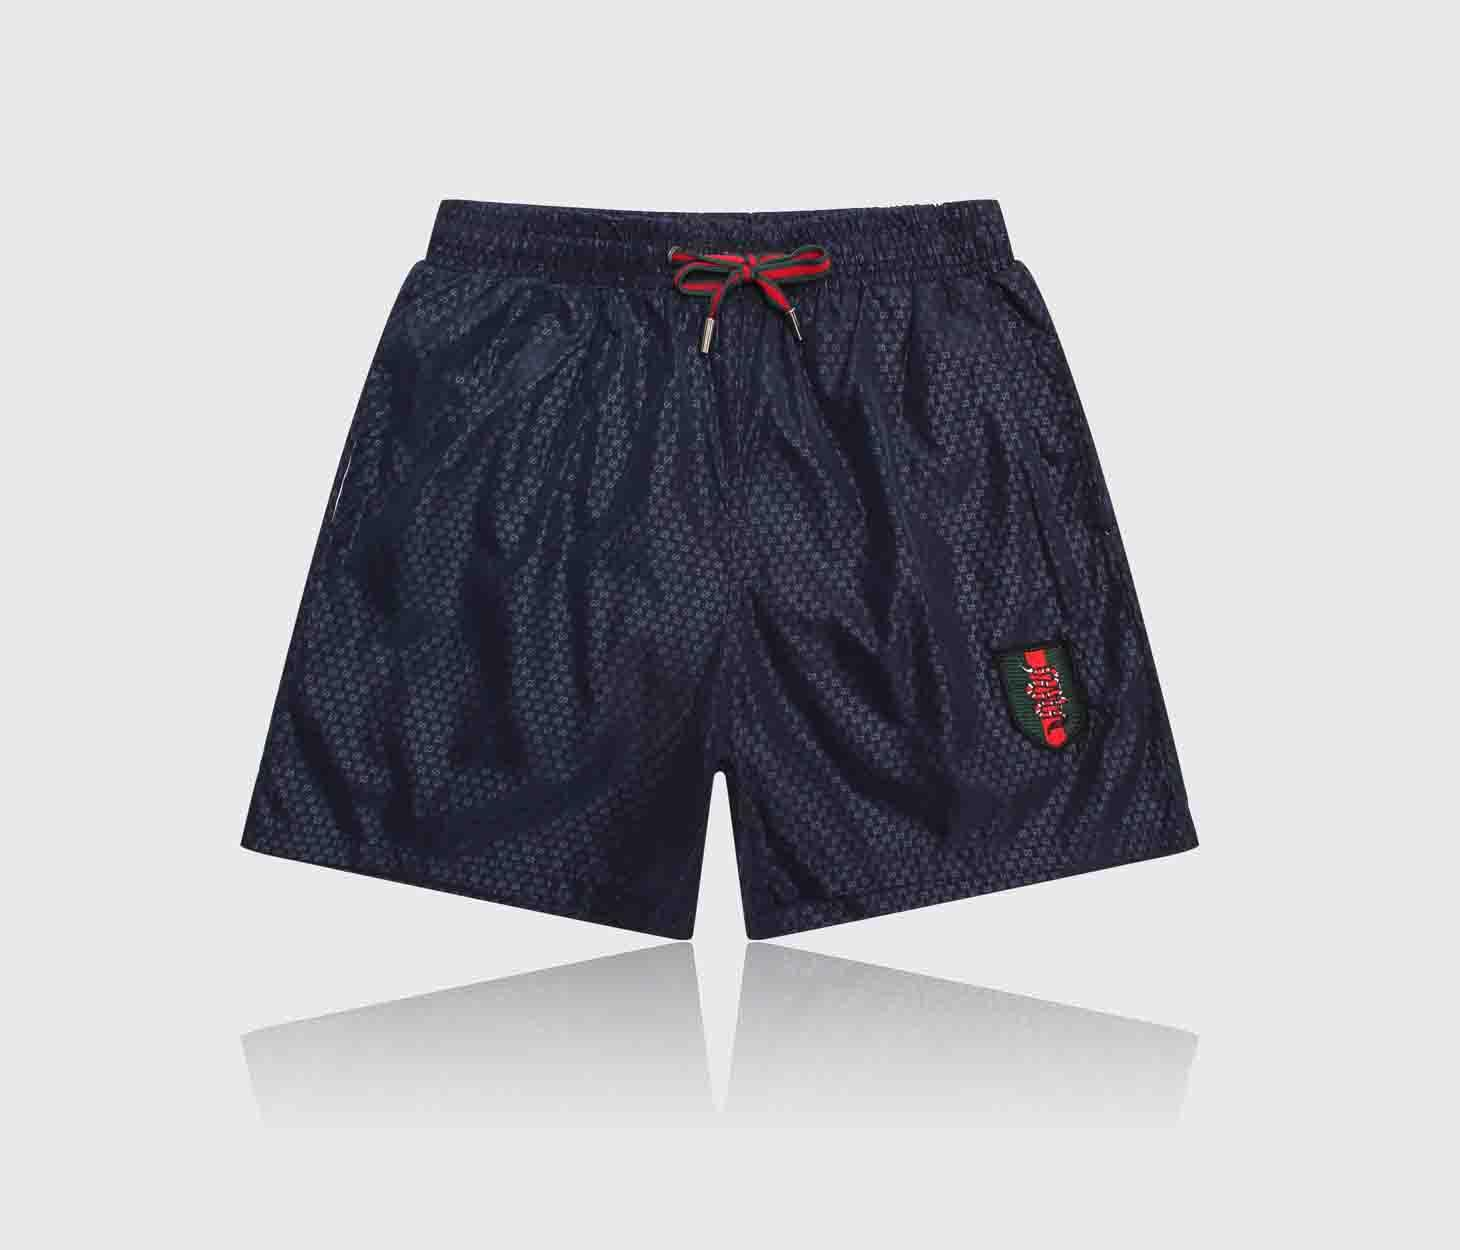 Pantalones estrellas de mar tortuga Vilebre pantalones cortos para hombre del color del tablero de resaca cortocircuitos del deporte del verano Playa del Hombre Bermudas cortos de secado rápido 87878 Bañadores